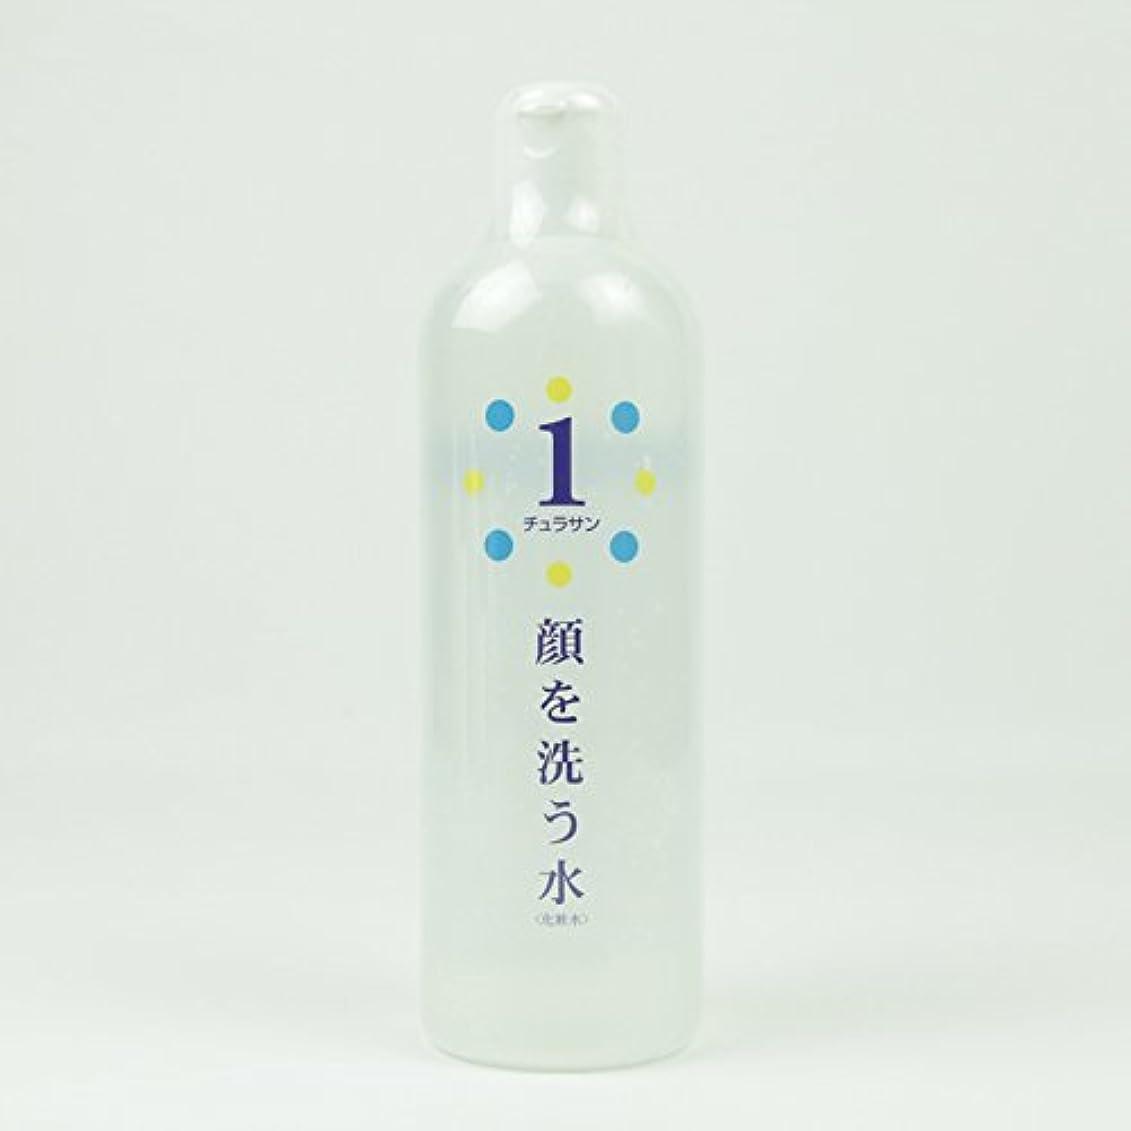 に慣れフットボールブルーベルチュラサン1 【顔を洗う水】 500ml